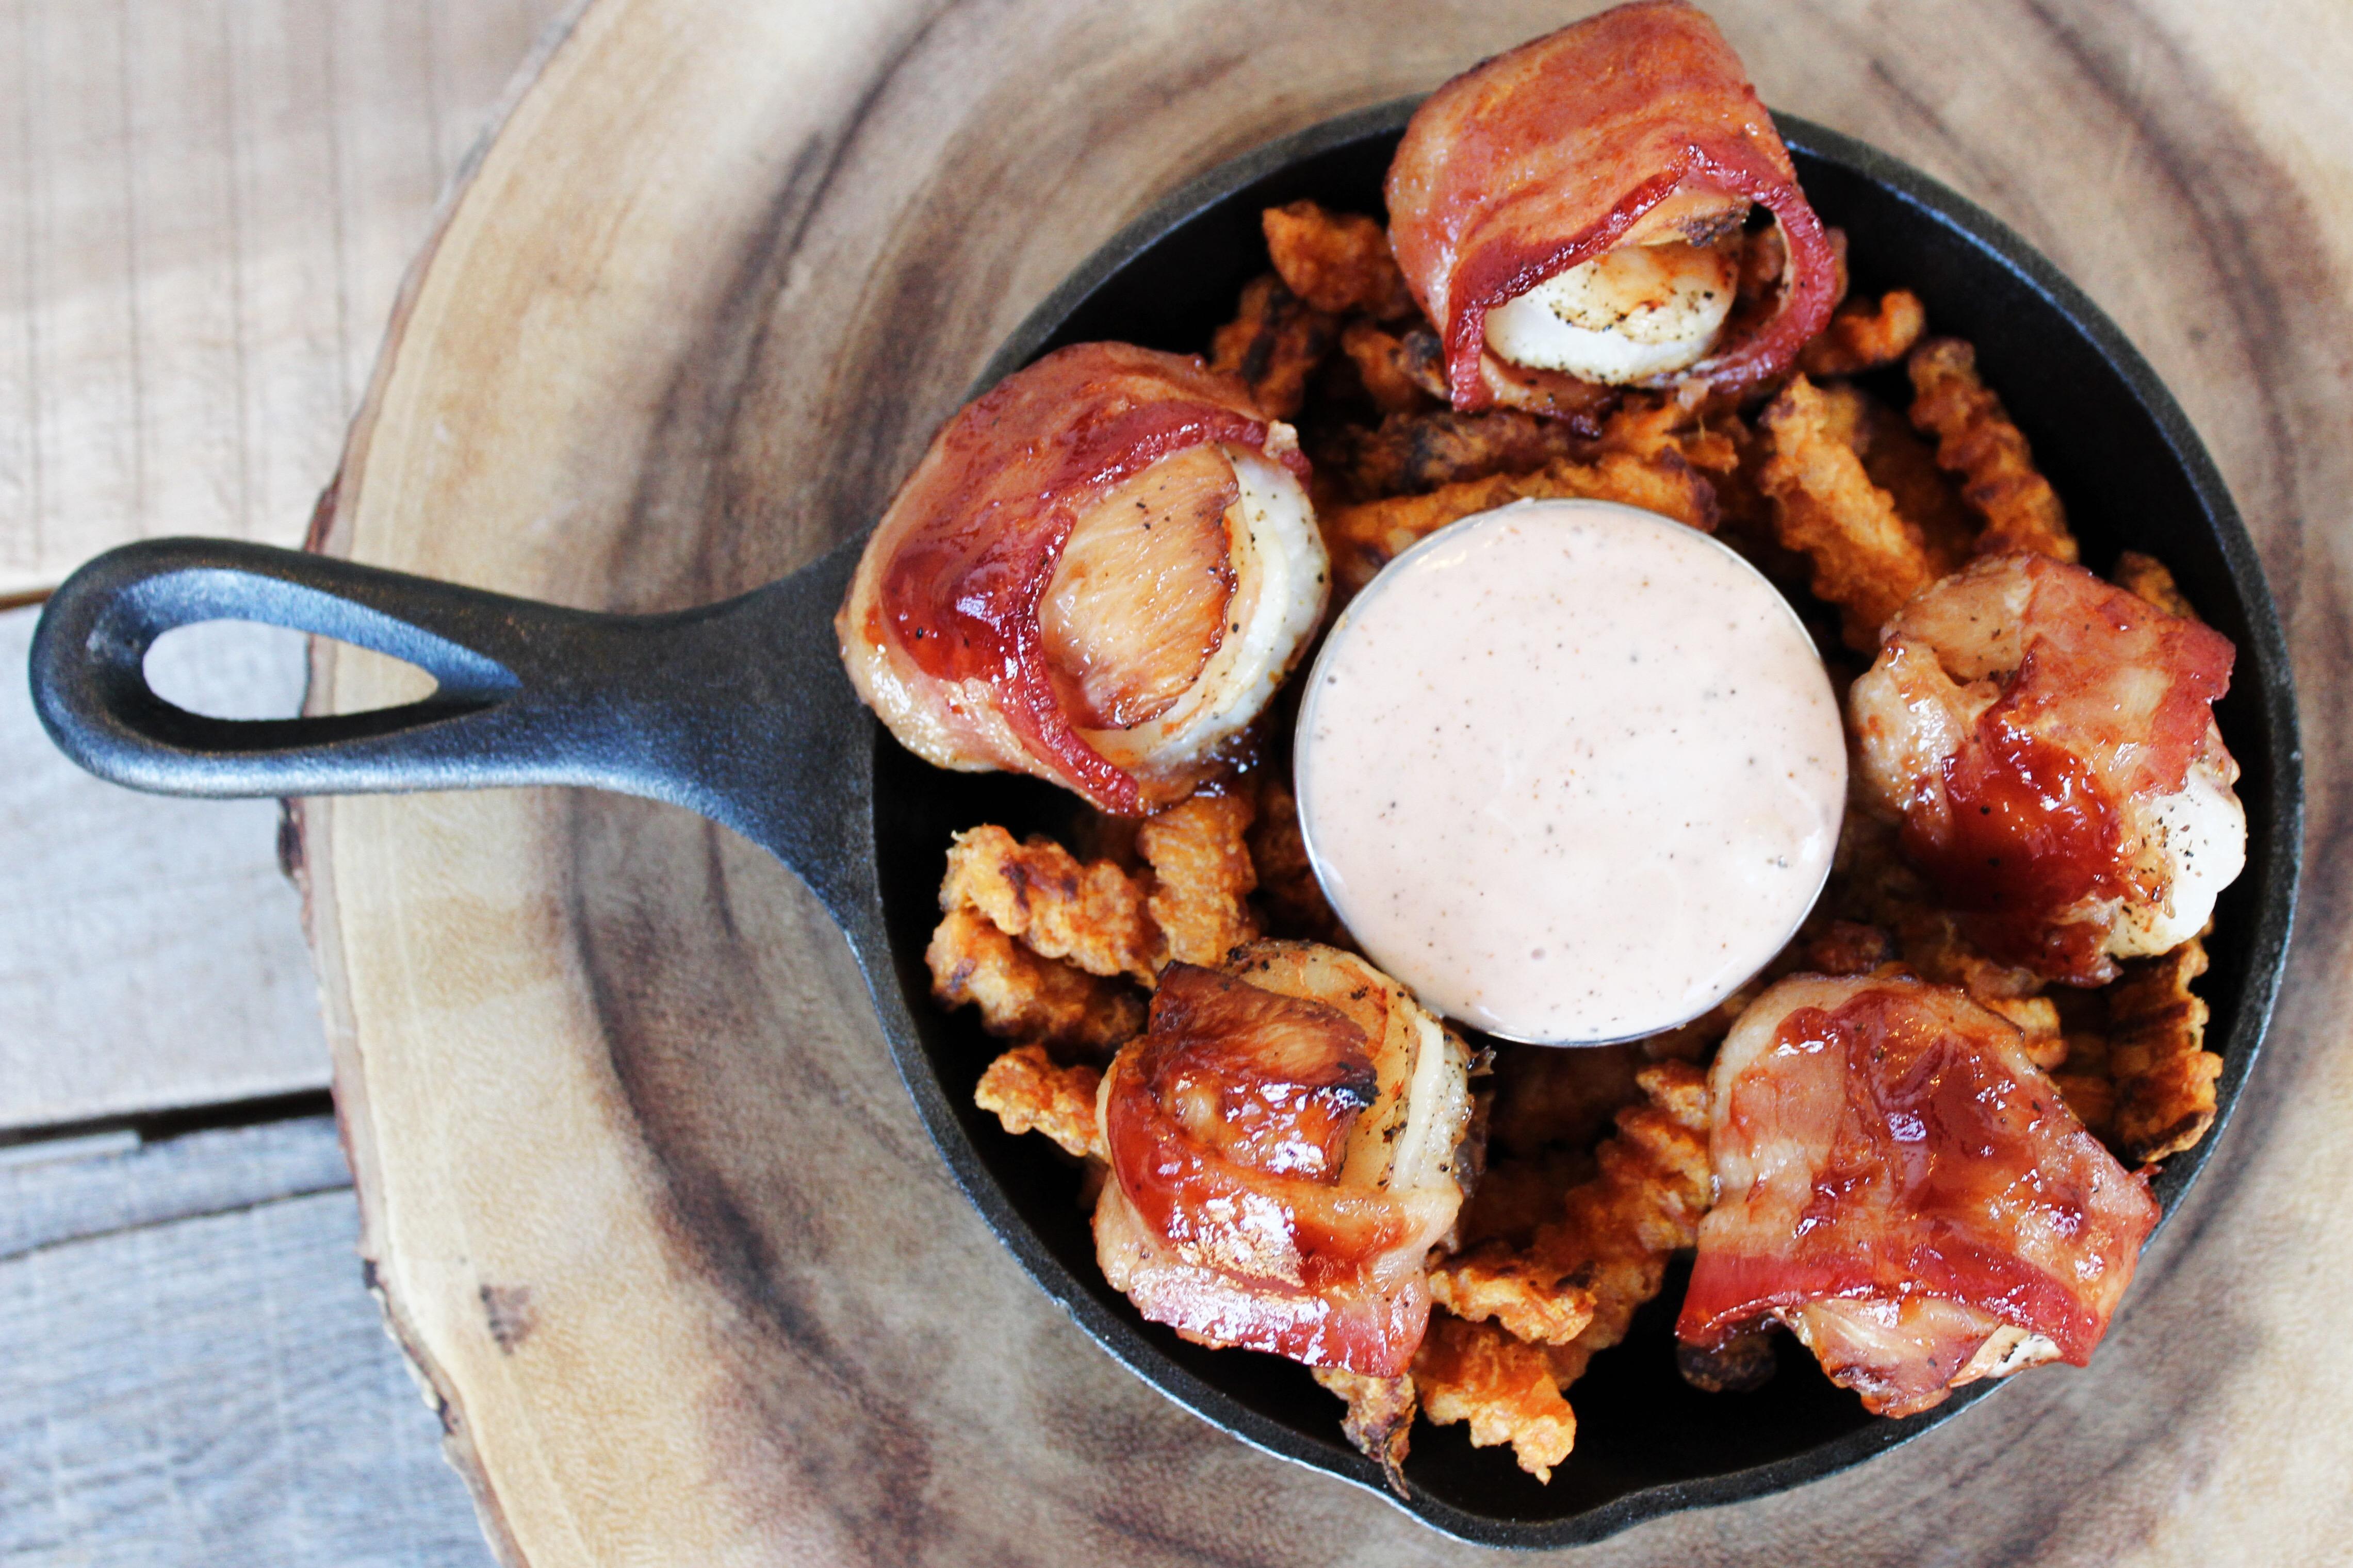 Shrimp and Chicken Enbrochette